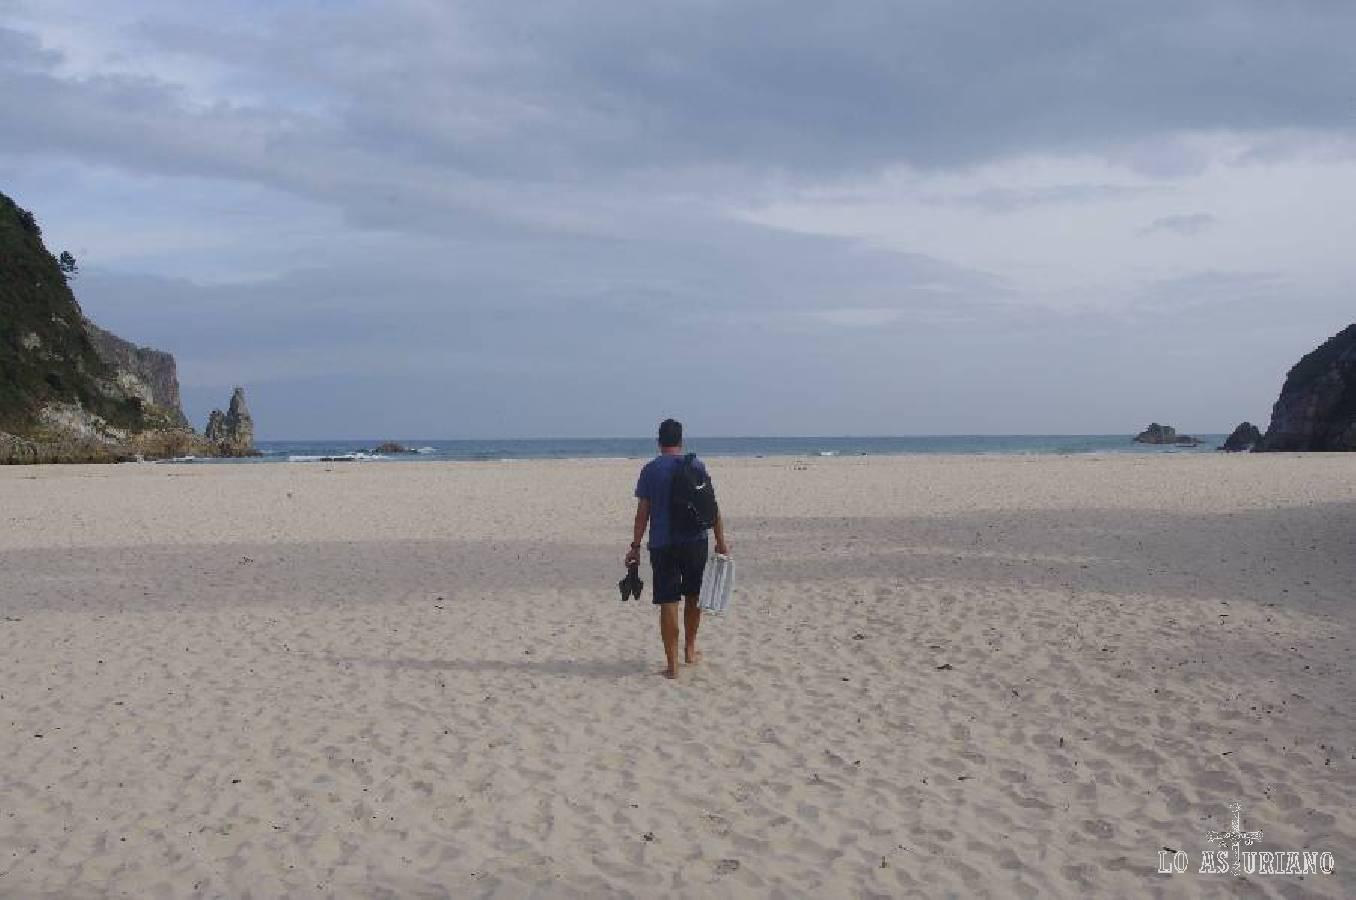 Un día de playa en plan la película aquella en la que había uno sólo en medio de una calle de Nueva York; pues lo mismo, pero en Asturias... (mes de octubre).